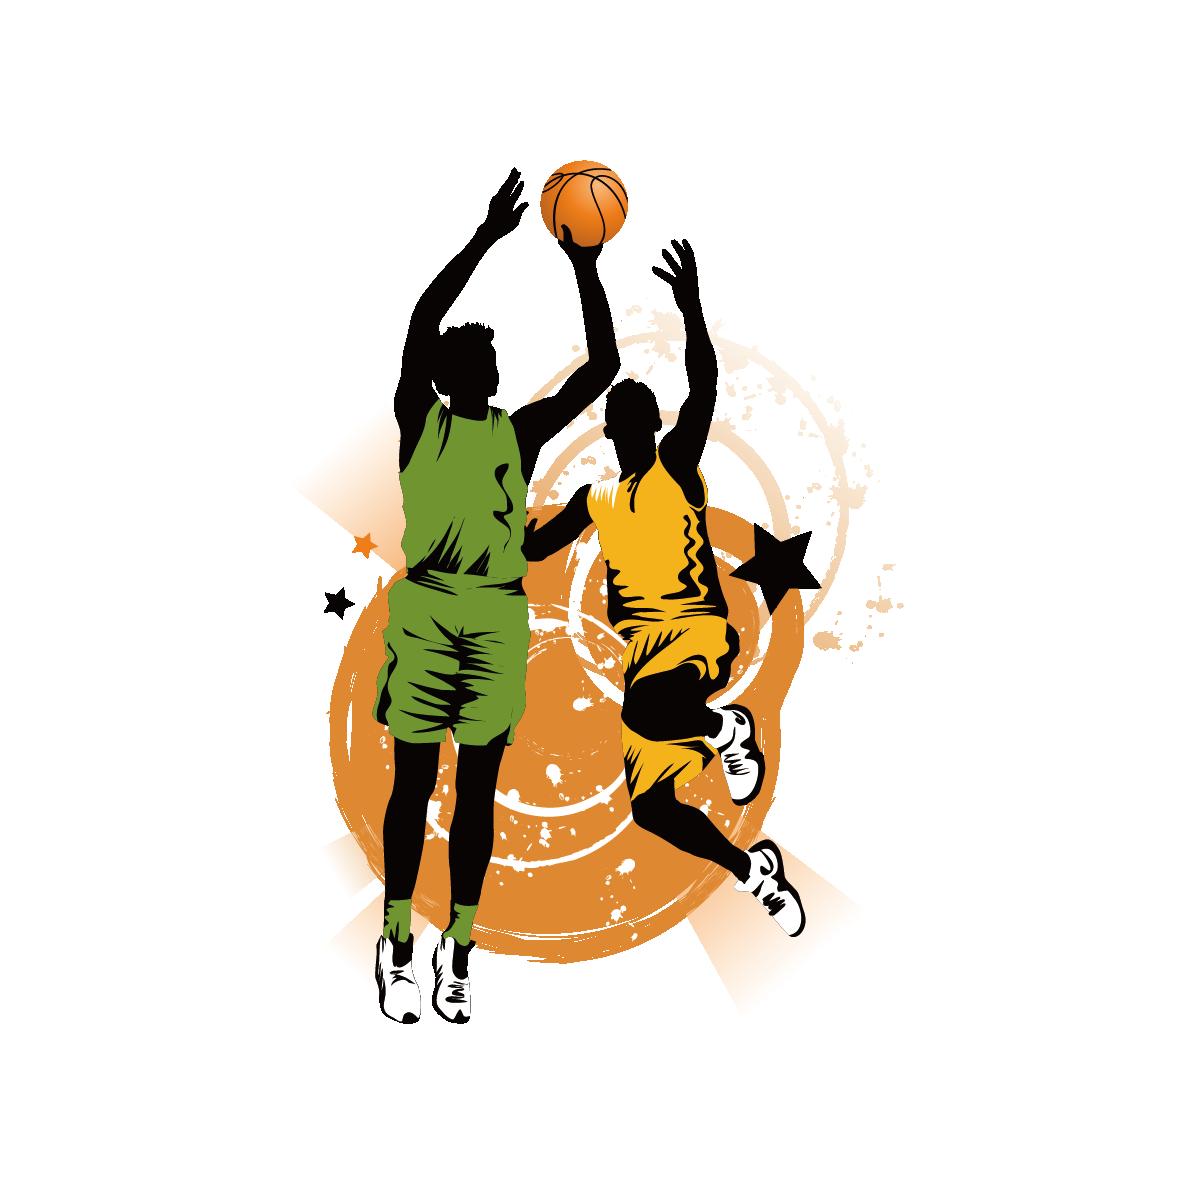 Basketball Slam dunk Clip art.